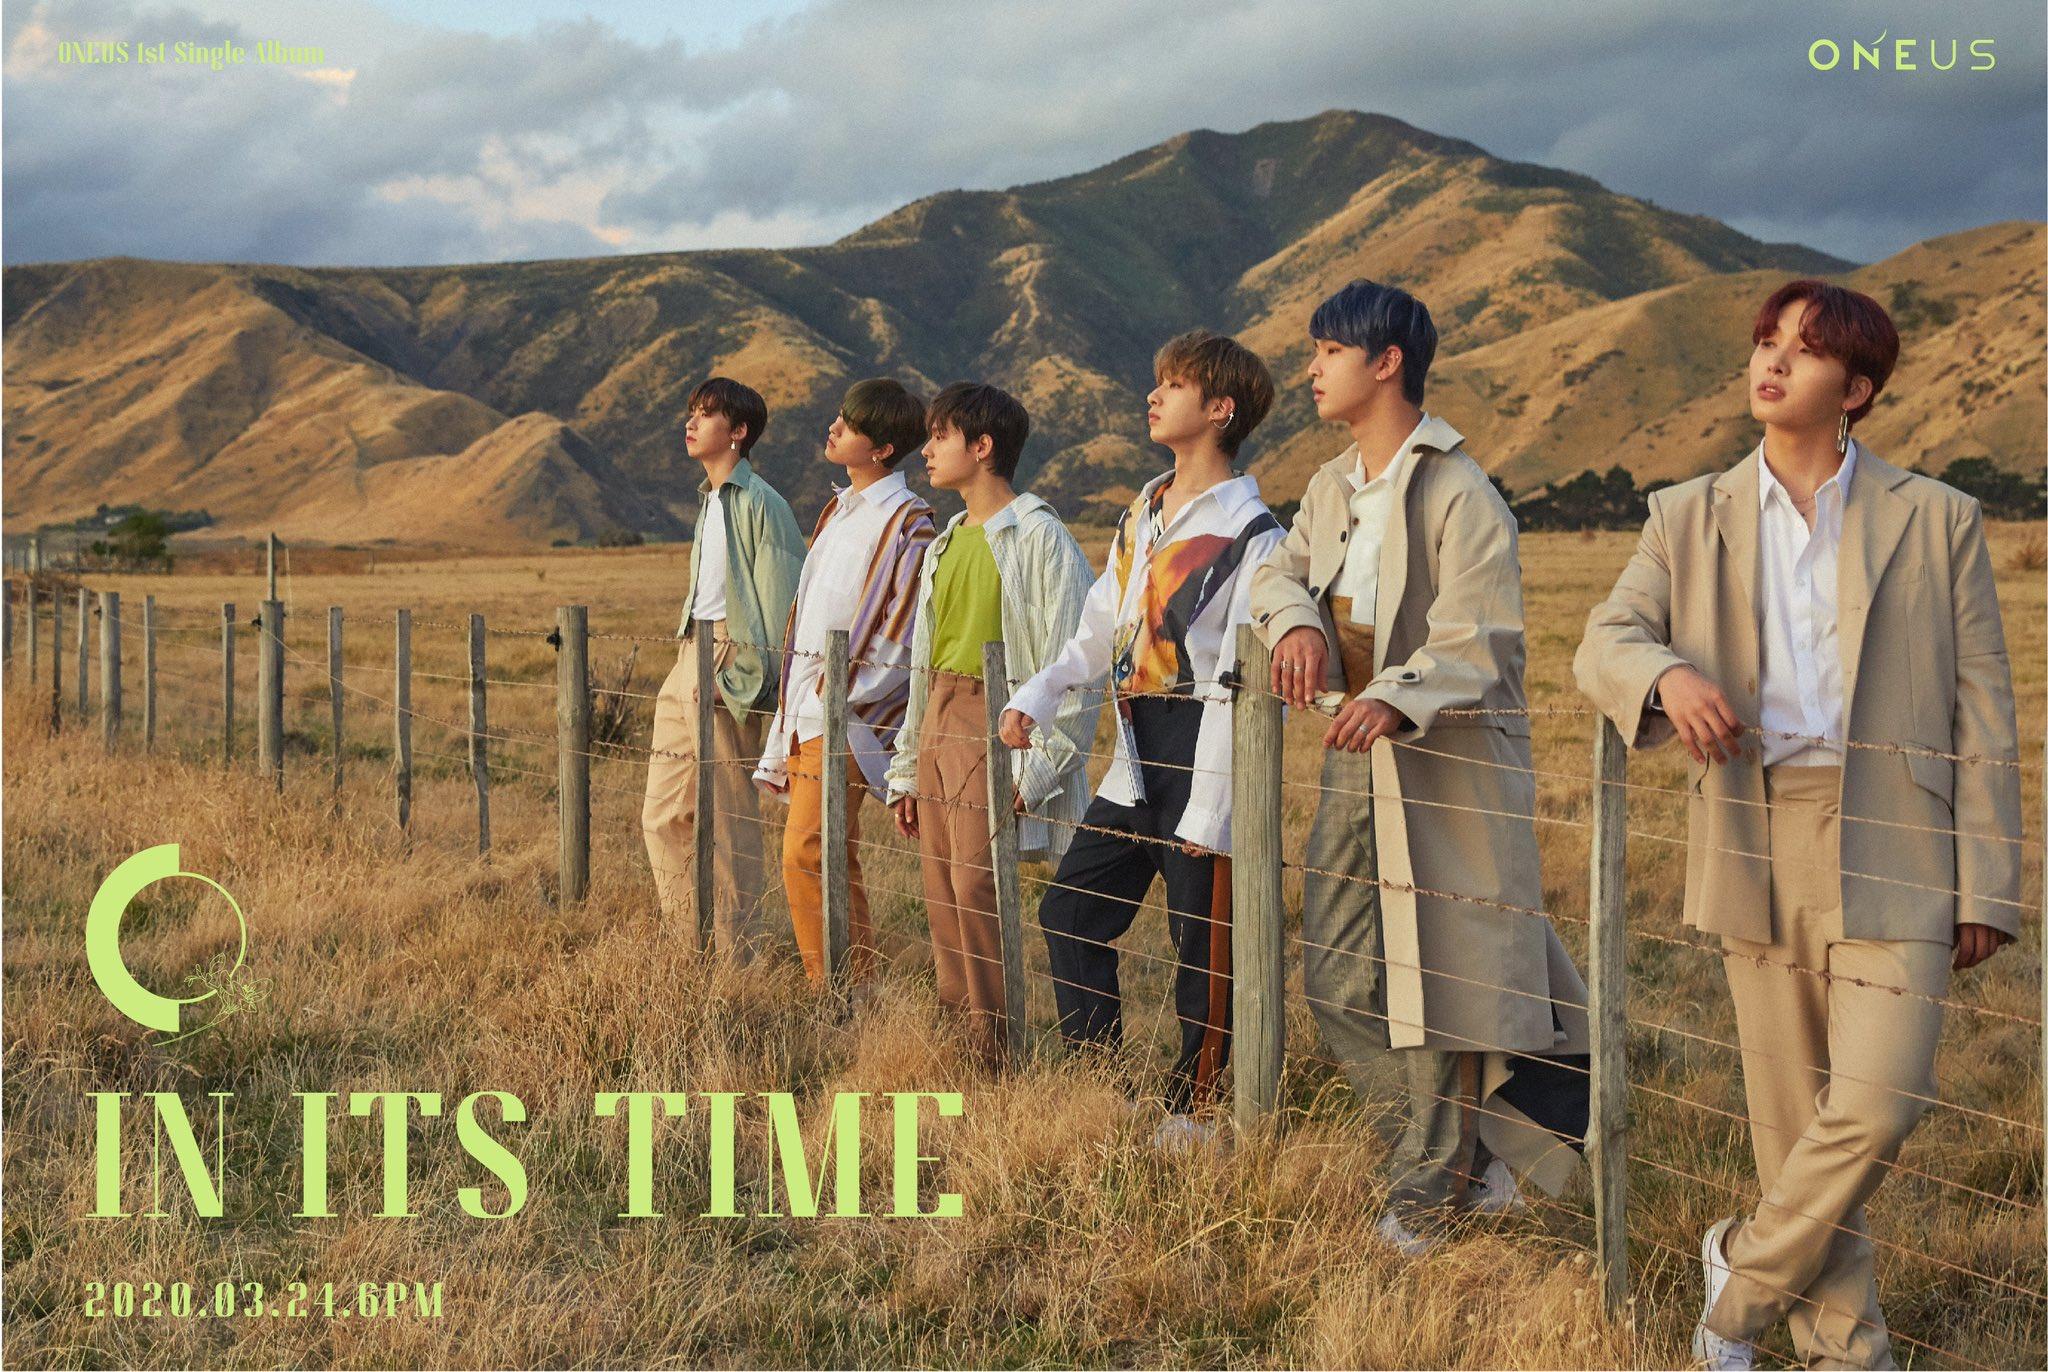 24일(화), 🌏원어스 첫 번째 싱글 앨범 'IN ITS TIME' 발매🌏 | 인스티즈